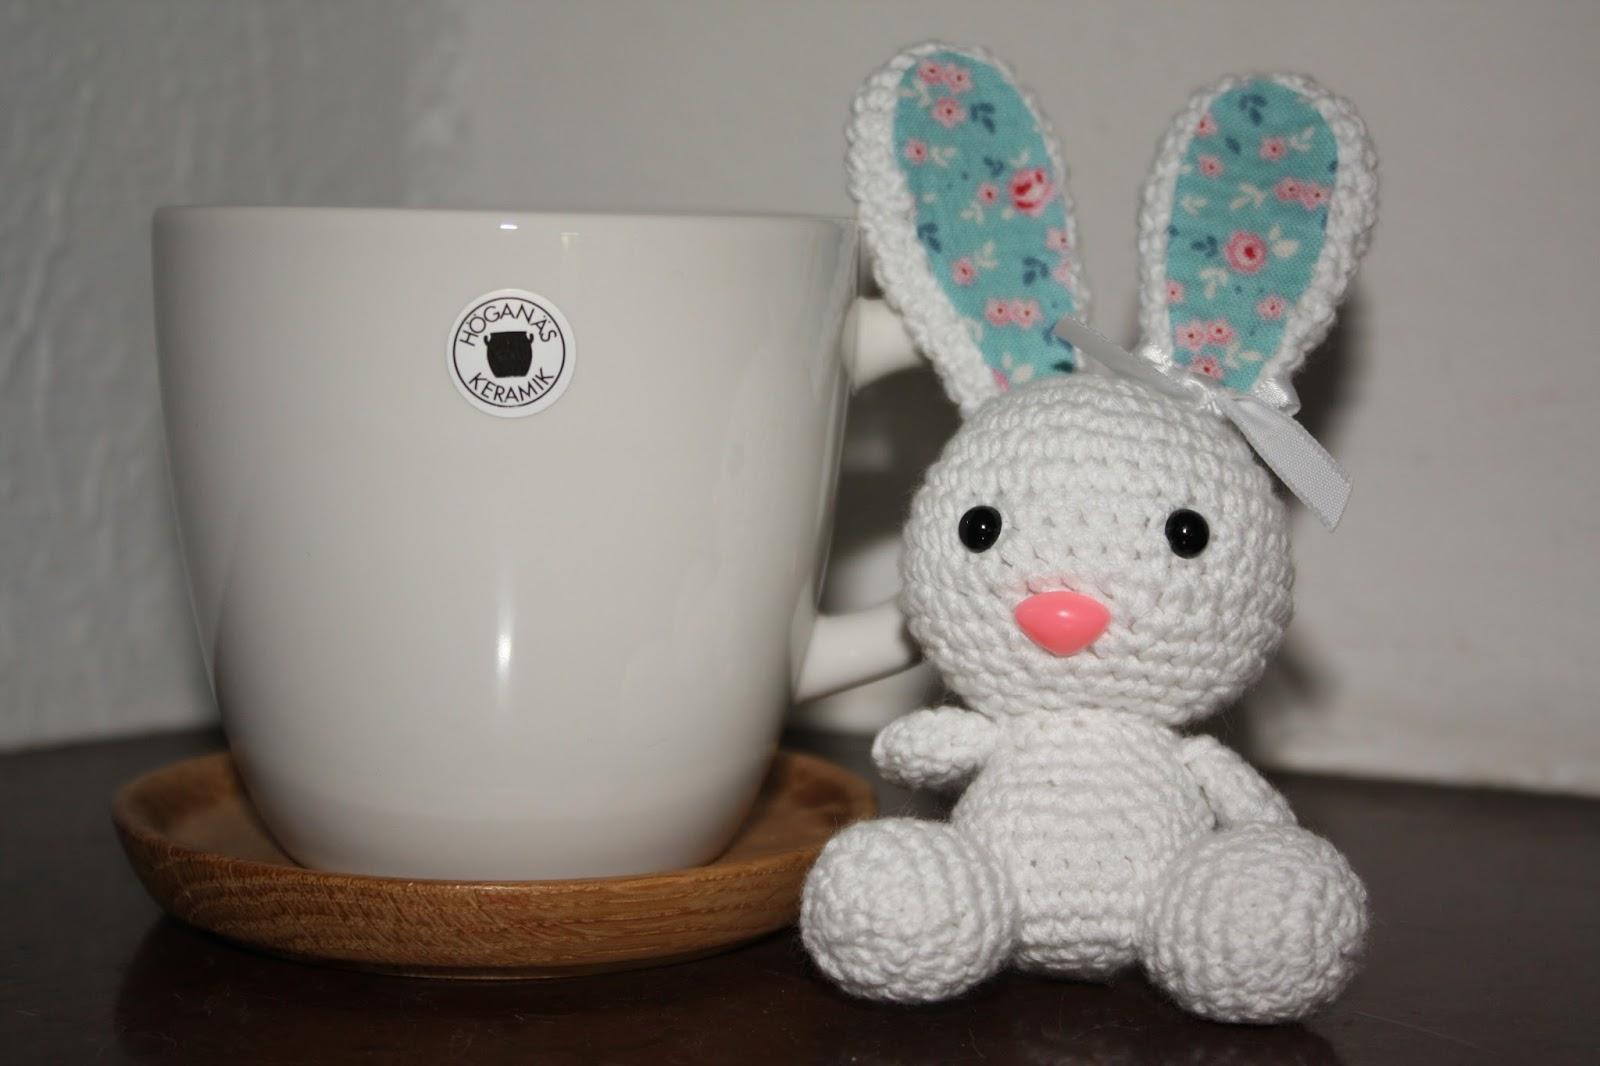 Pysselstad: Gratis monster till amigurumi-kanin